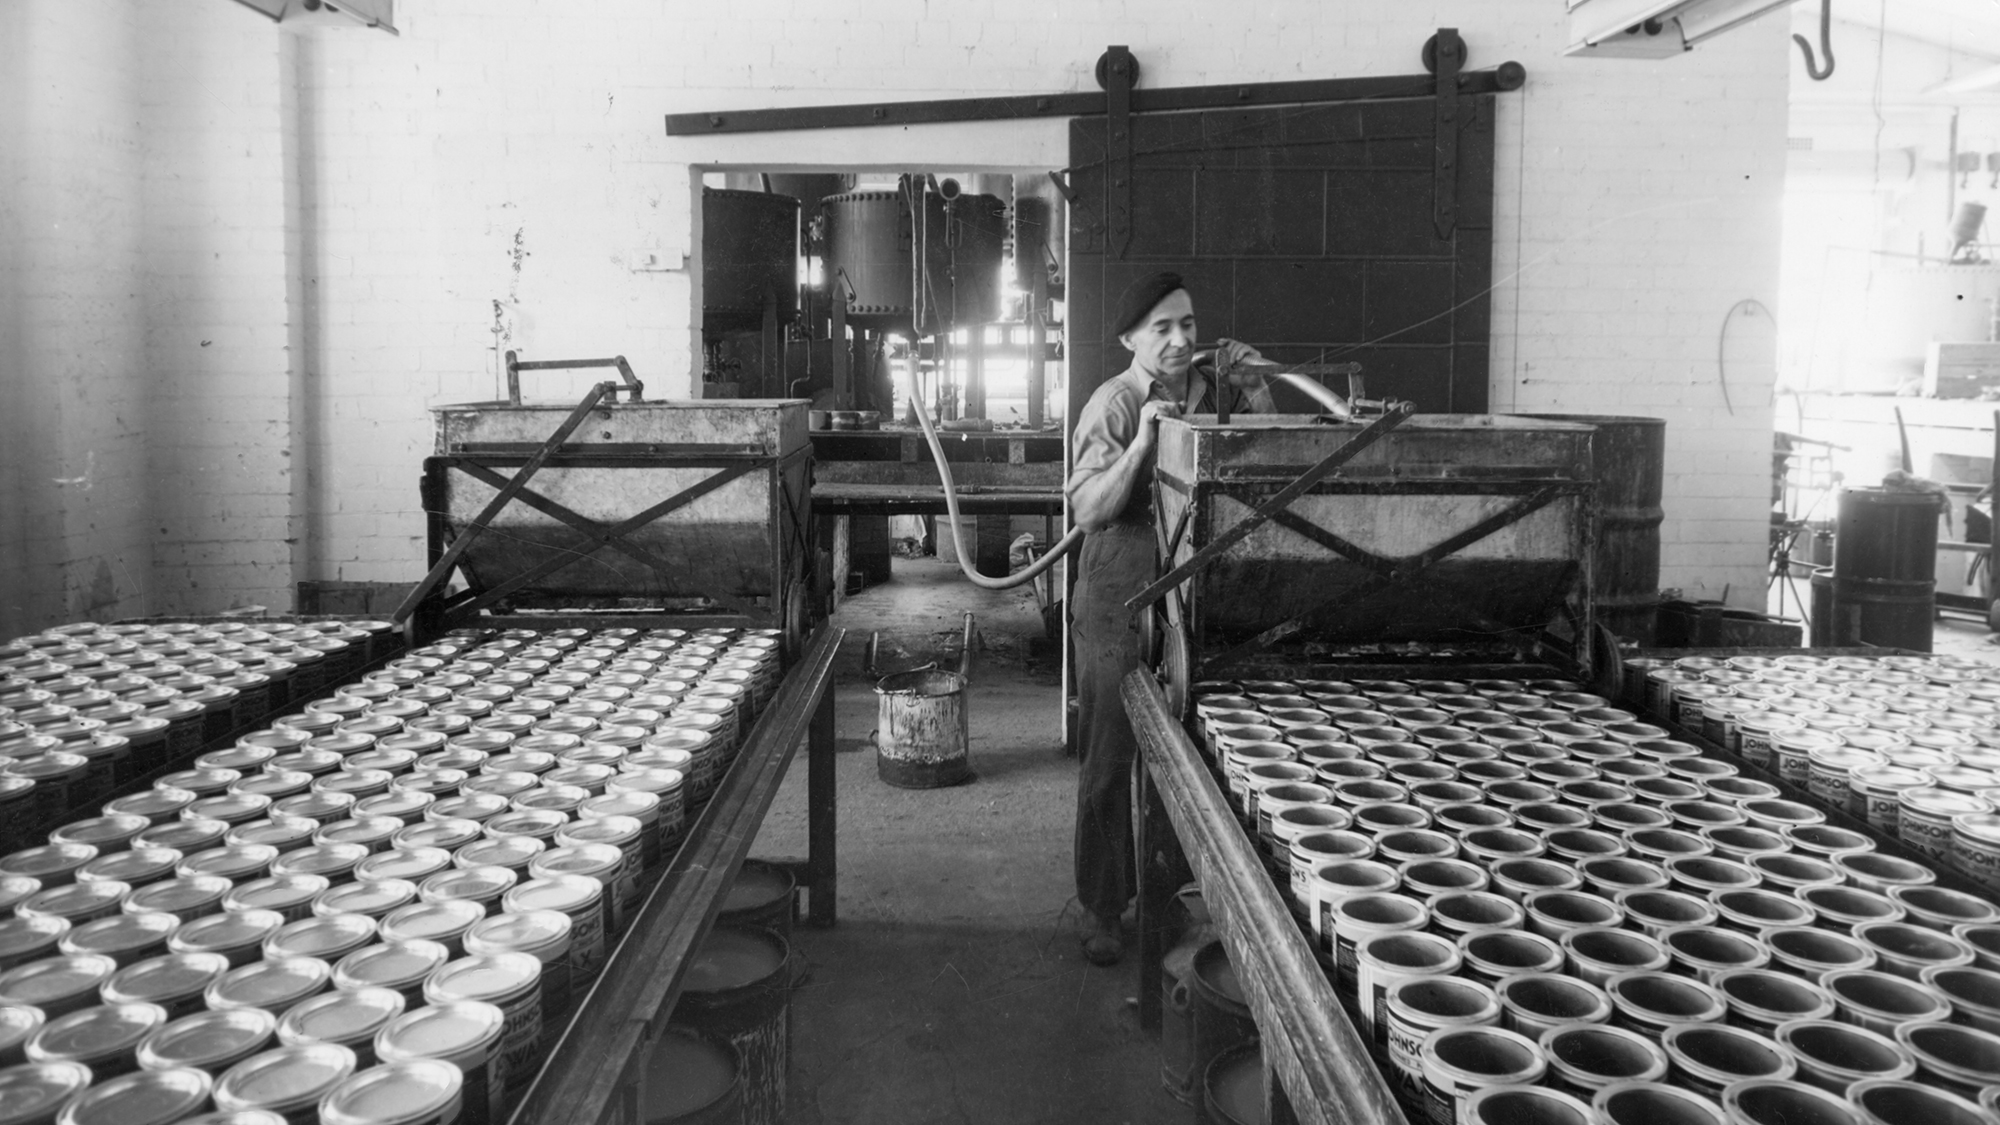 Herbert F. Johnson Sr. fece crescere SC Johnson, trasformandola da produttore della cera Paste Wax a leader mondiale nel settore dei prodotti per la cura della casa